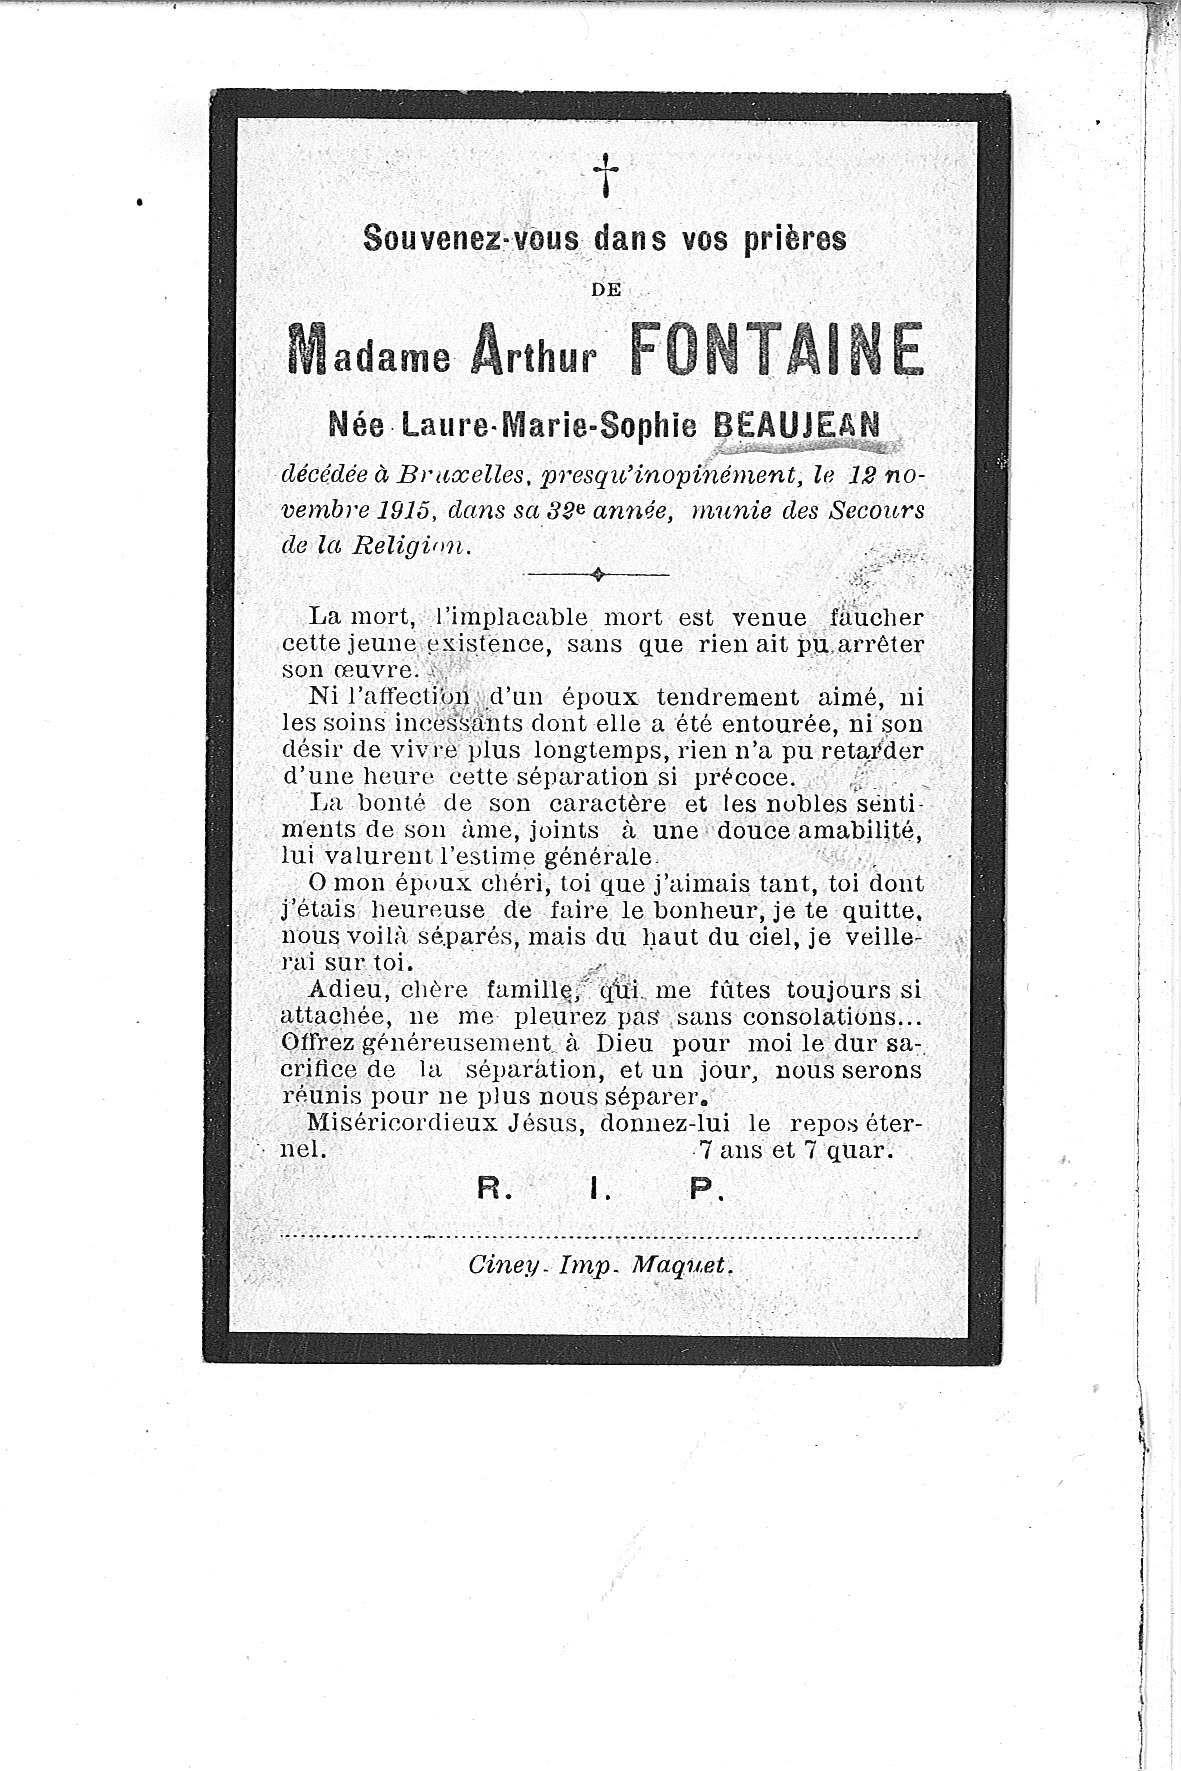 Laure-Marie-Sophie(1915)20101117115323_00026.jpg